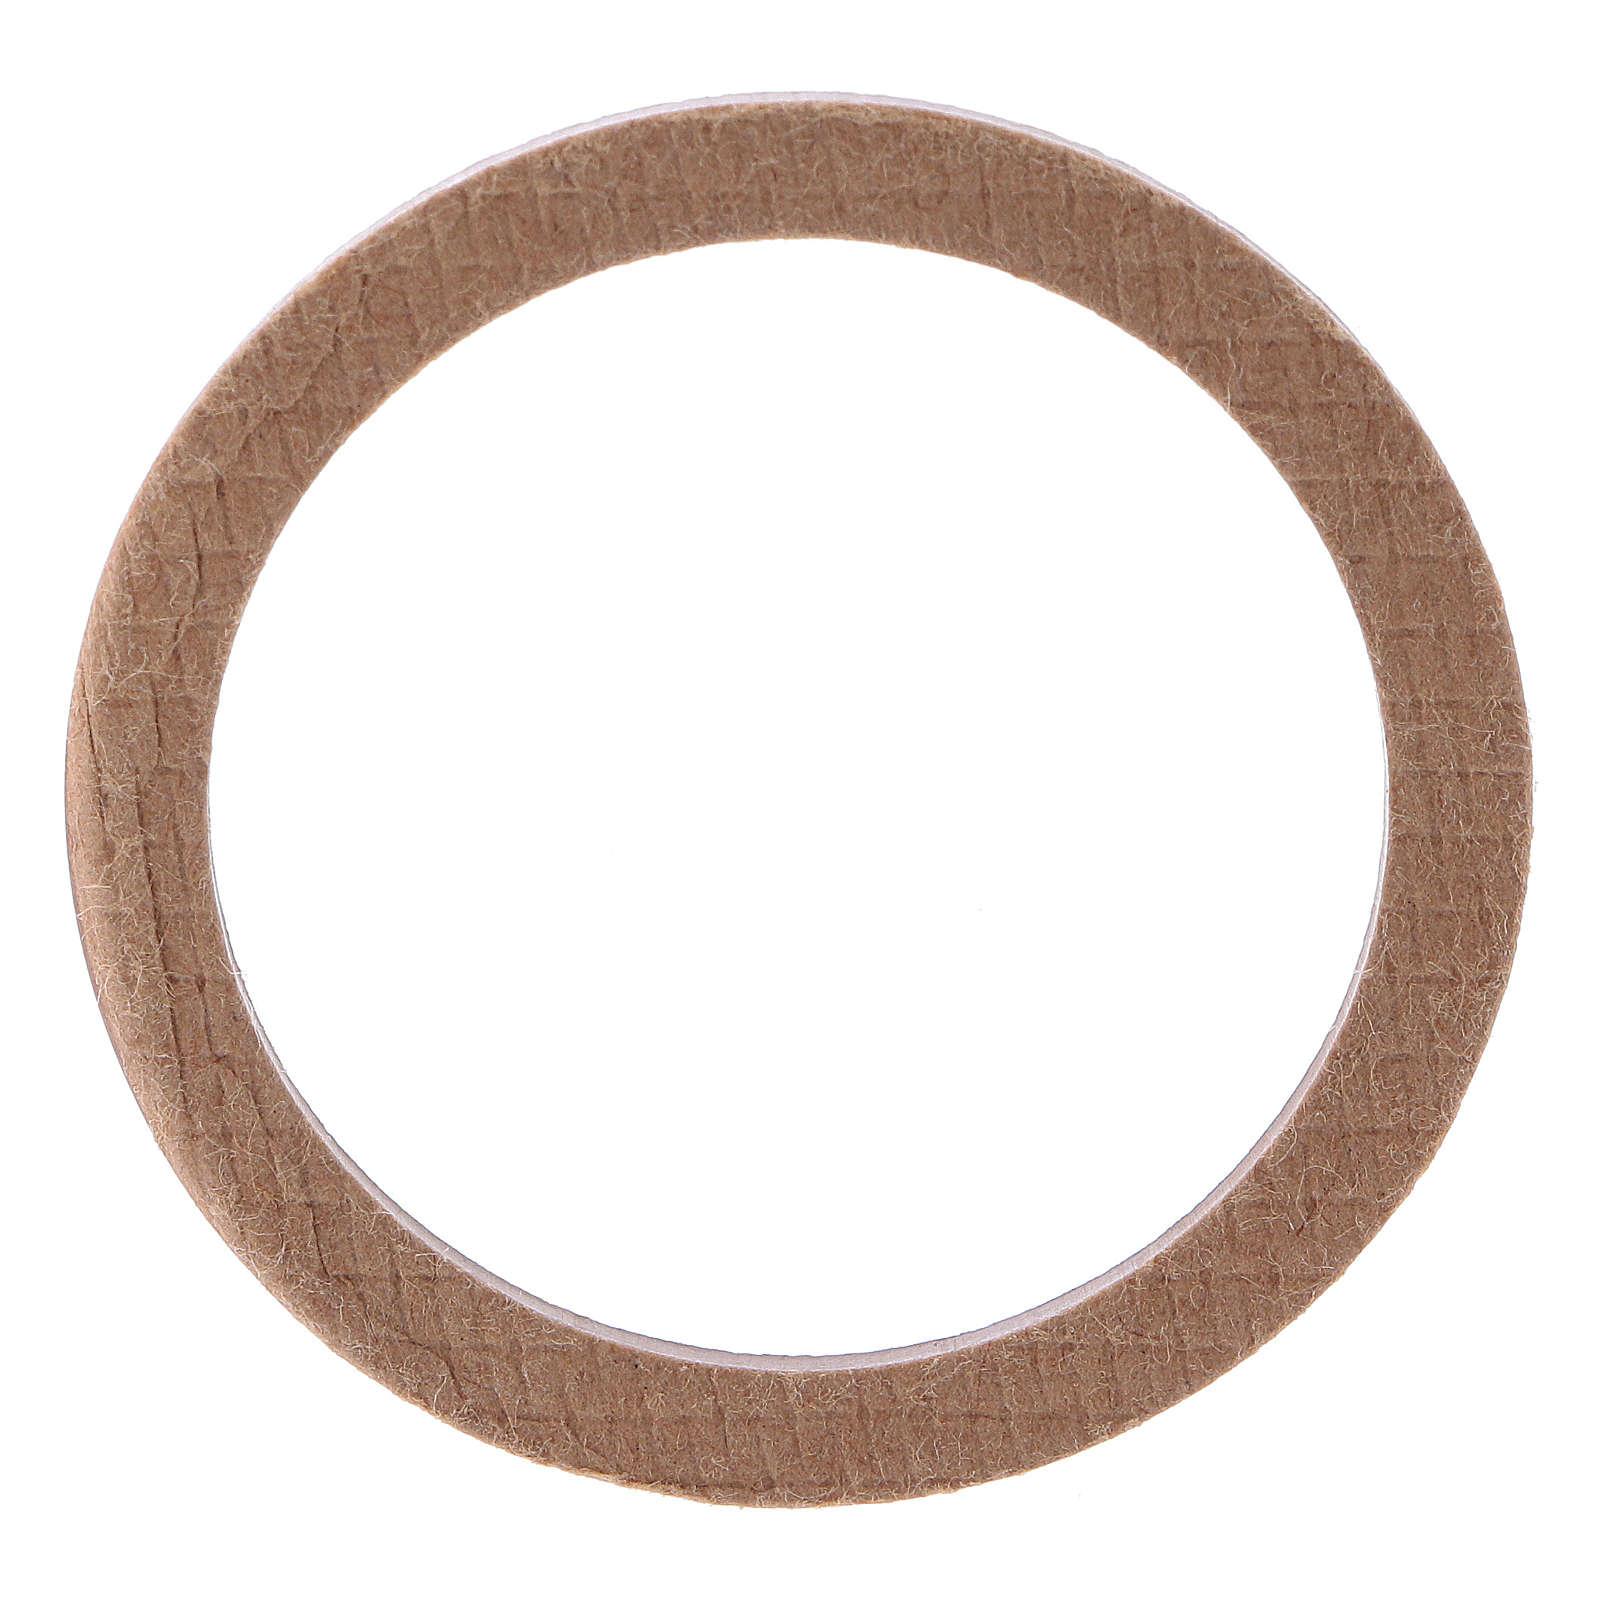 Guarnizione isolante diametro 5 cm per PC004006-PC004008 3